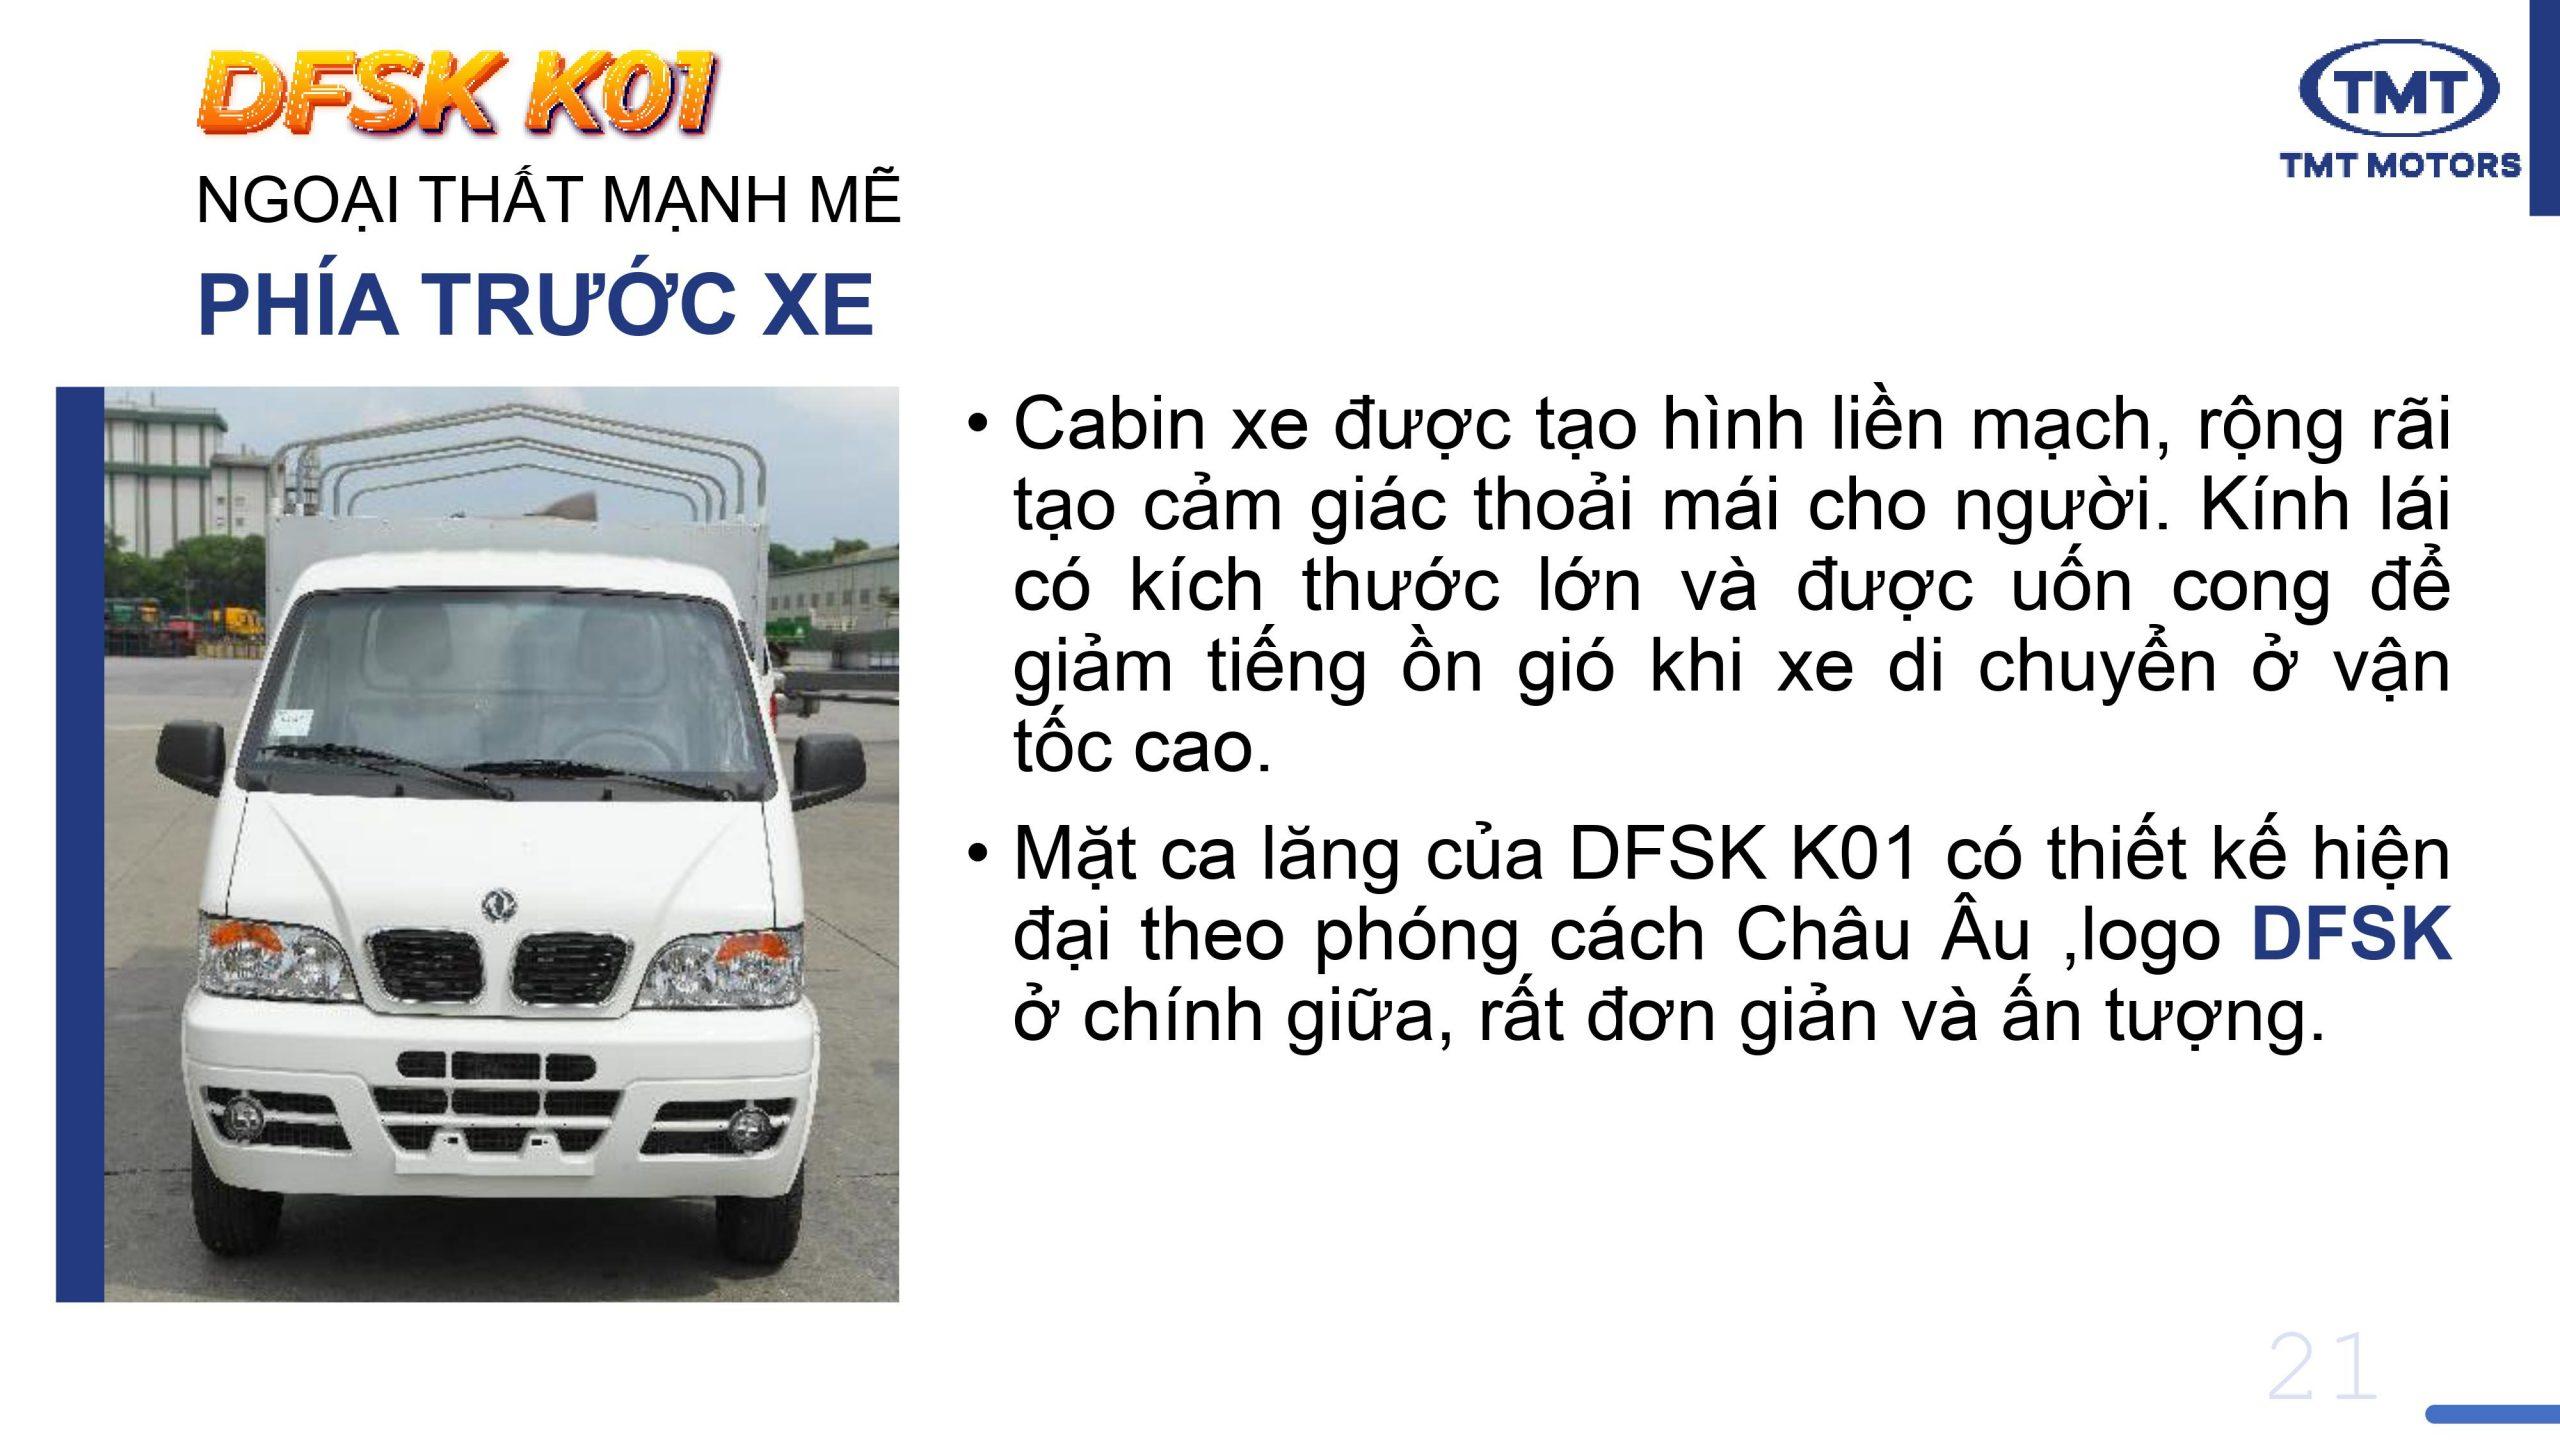 •Cabin xe tmt k01 được tạo hình liền mạch, rộng rãi tạo cảm giác thoải mái cho người. Kính lái có kích thước lớn và được uốn cong để giảm tiếng ồn gió khi xe di chuyển ở vận tốc cao. • Mặt ca lăng của DFSK K01 có thiết kế hiện đại theo phóng cách Châu Âu ,logo DFSK ở chính giữa, rất đơn giản và ấn tượng.